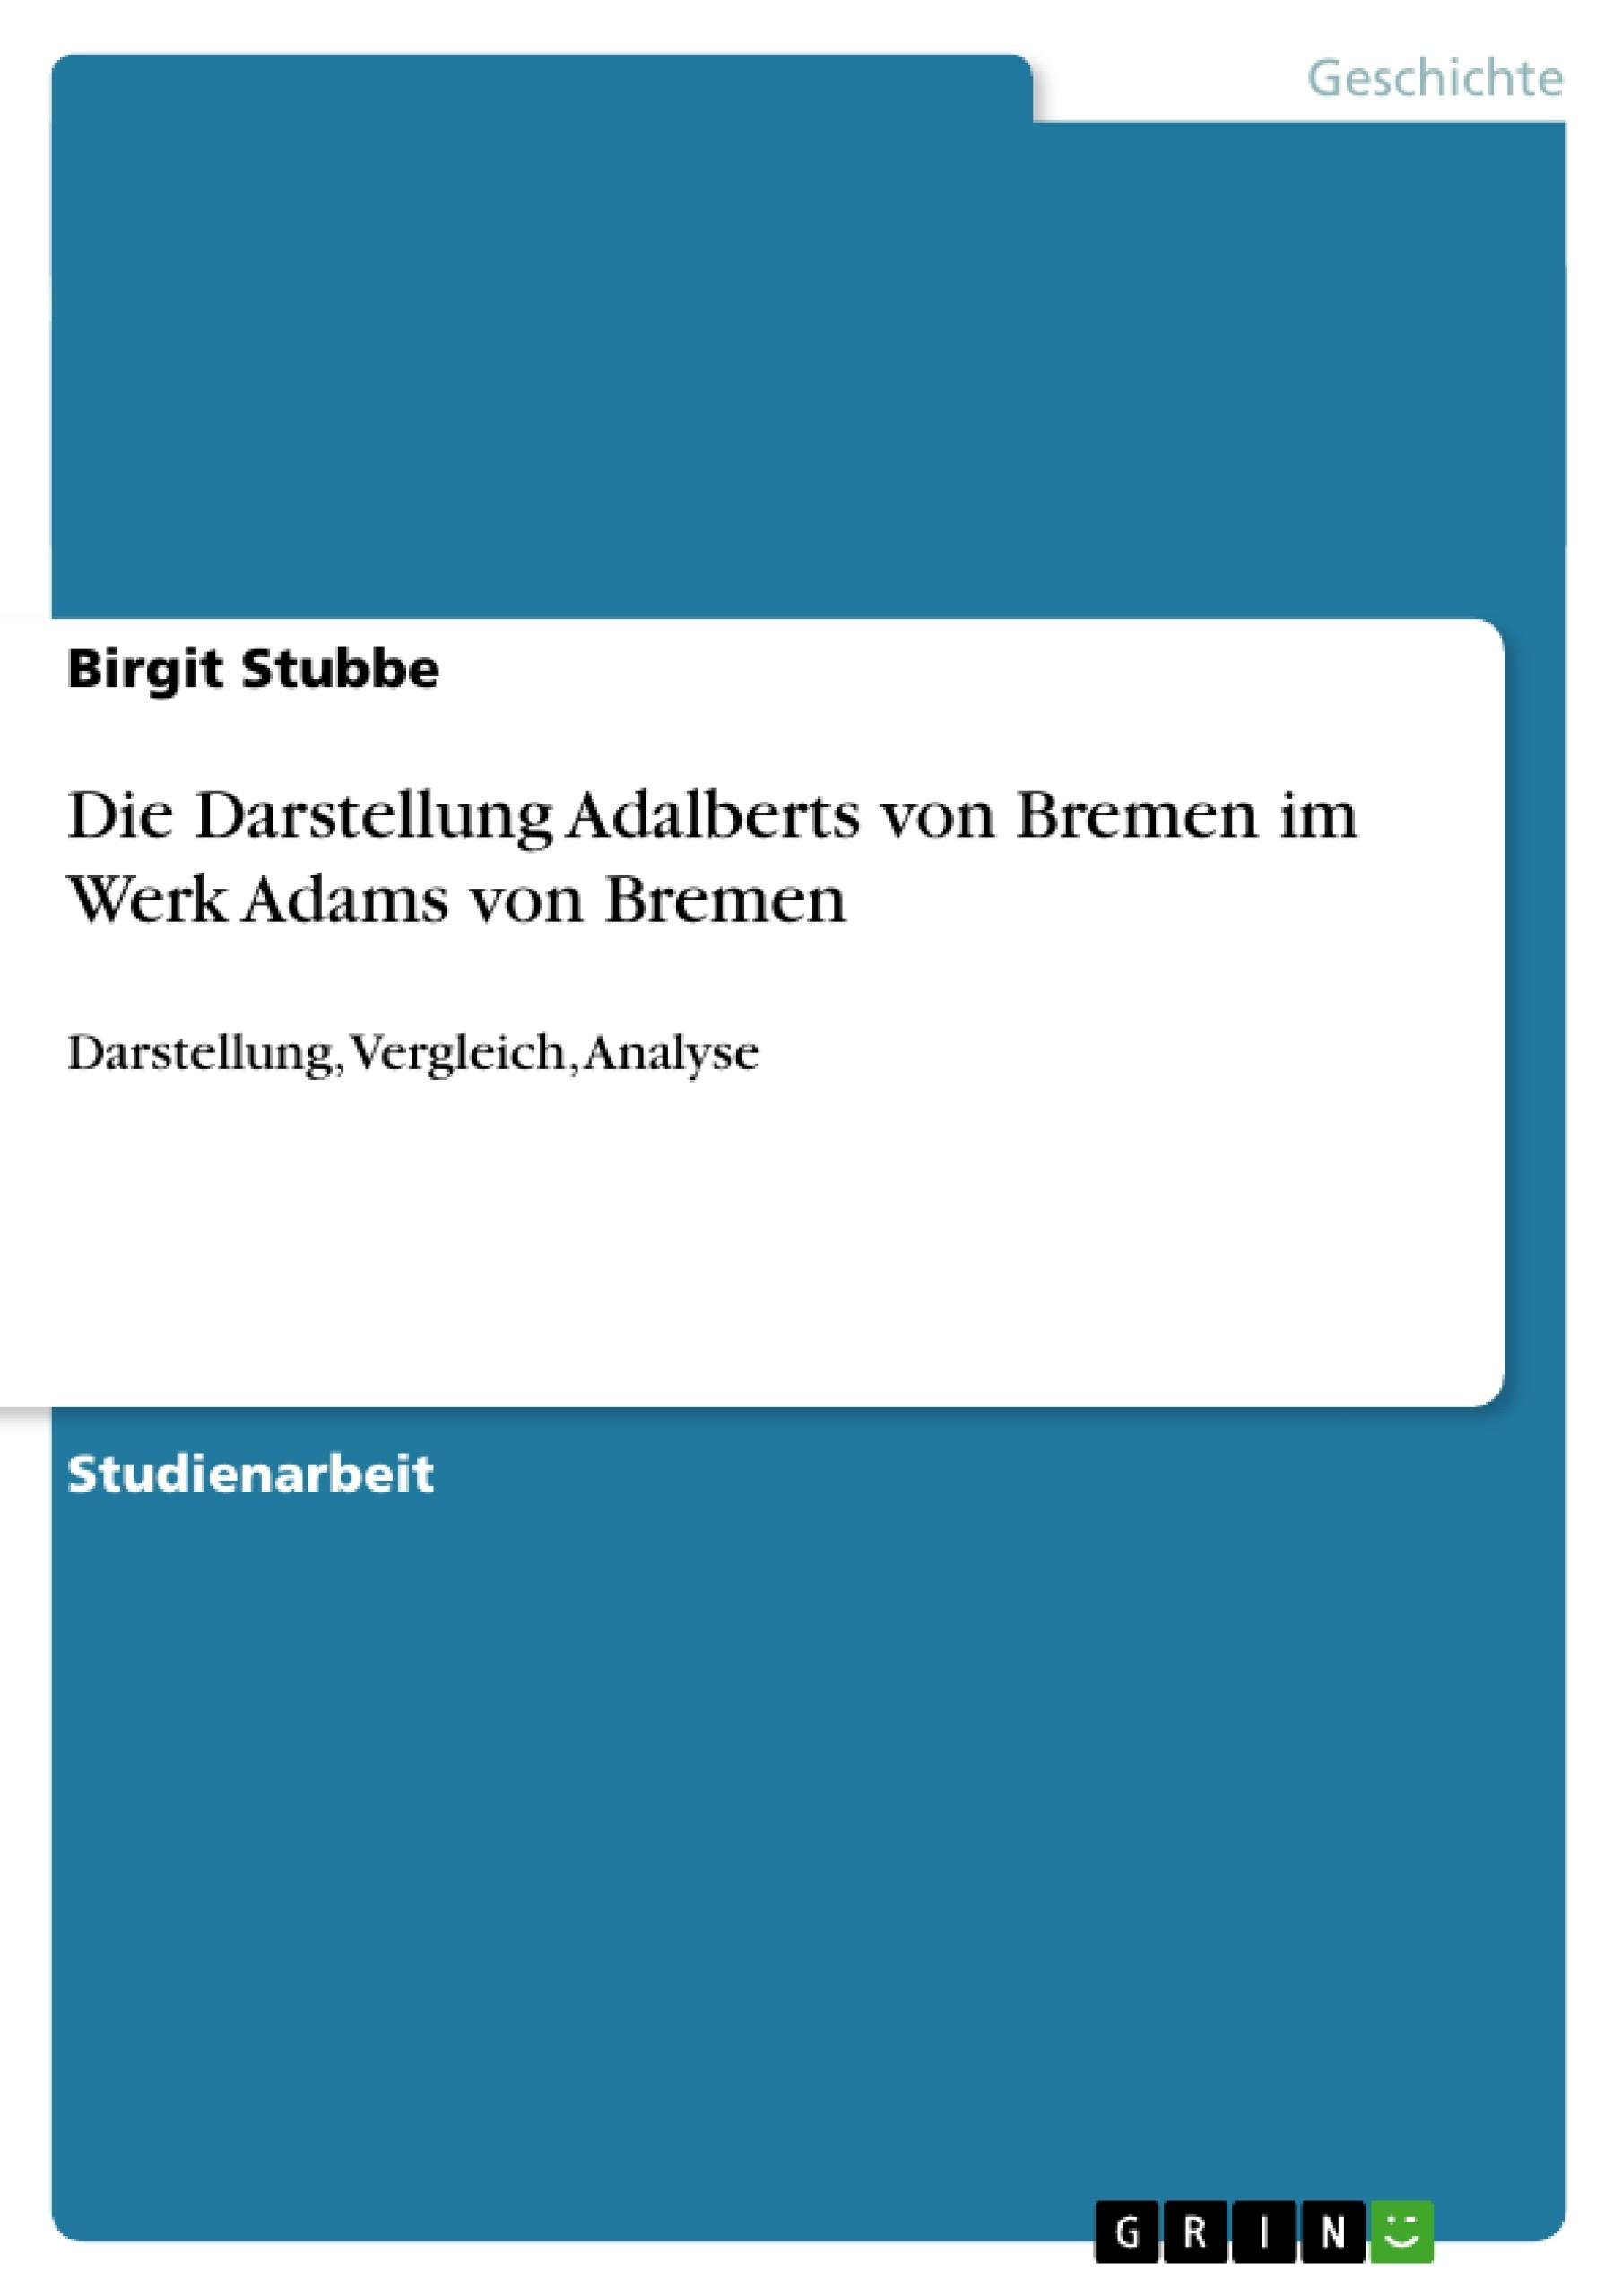 Titel: Die Darstellung Adalberts von Bremen im Werk Adams von Bremen